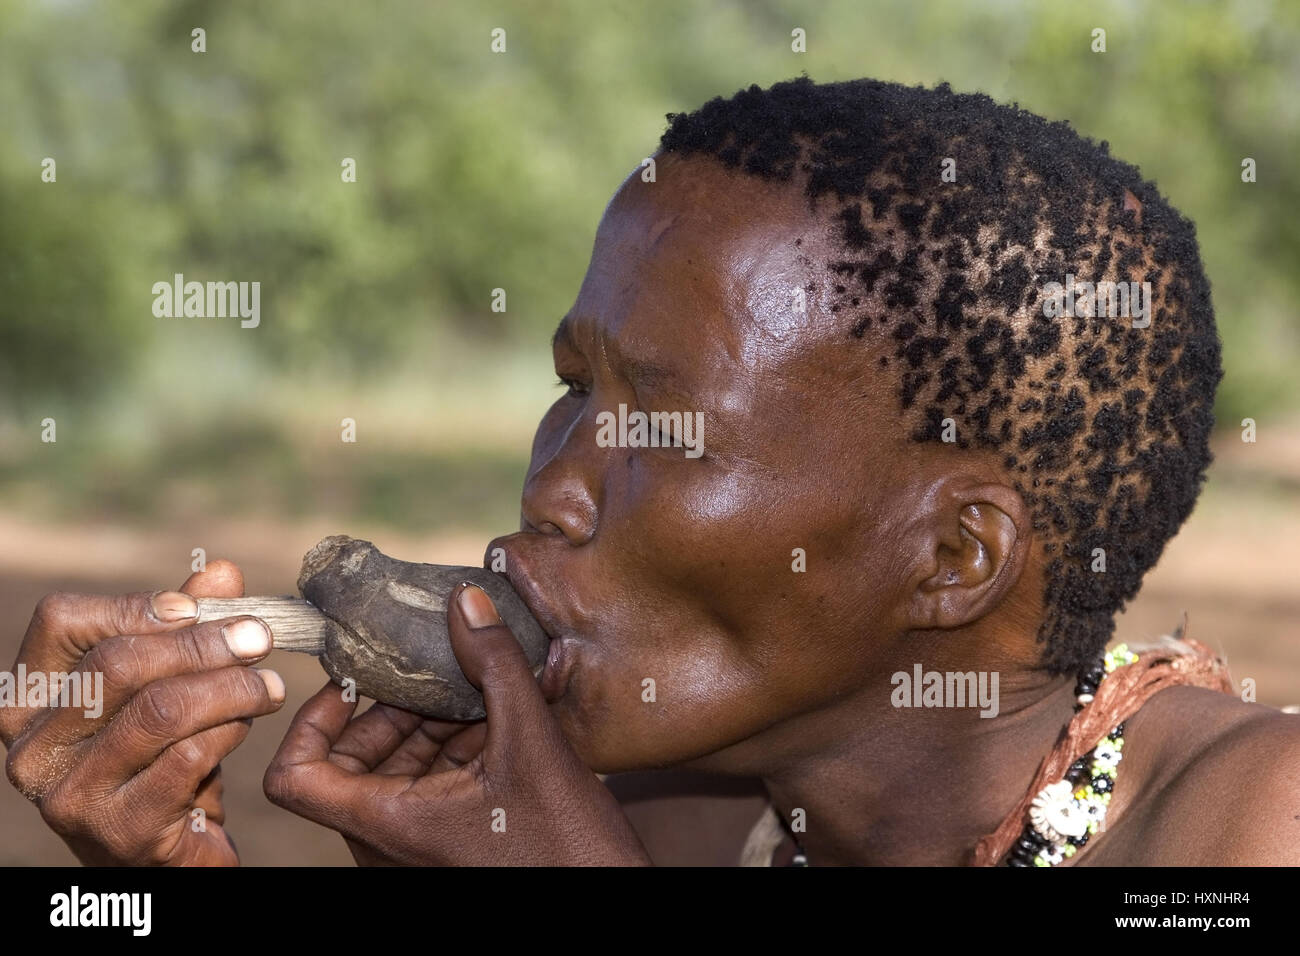 Bushman woman smokes a primitve whistle. Namibia, Buschmann  Frau raucht eine primitve Pfeife . Namibia - Stock Image